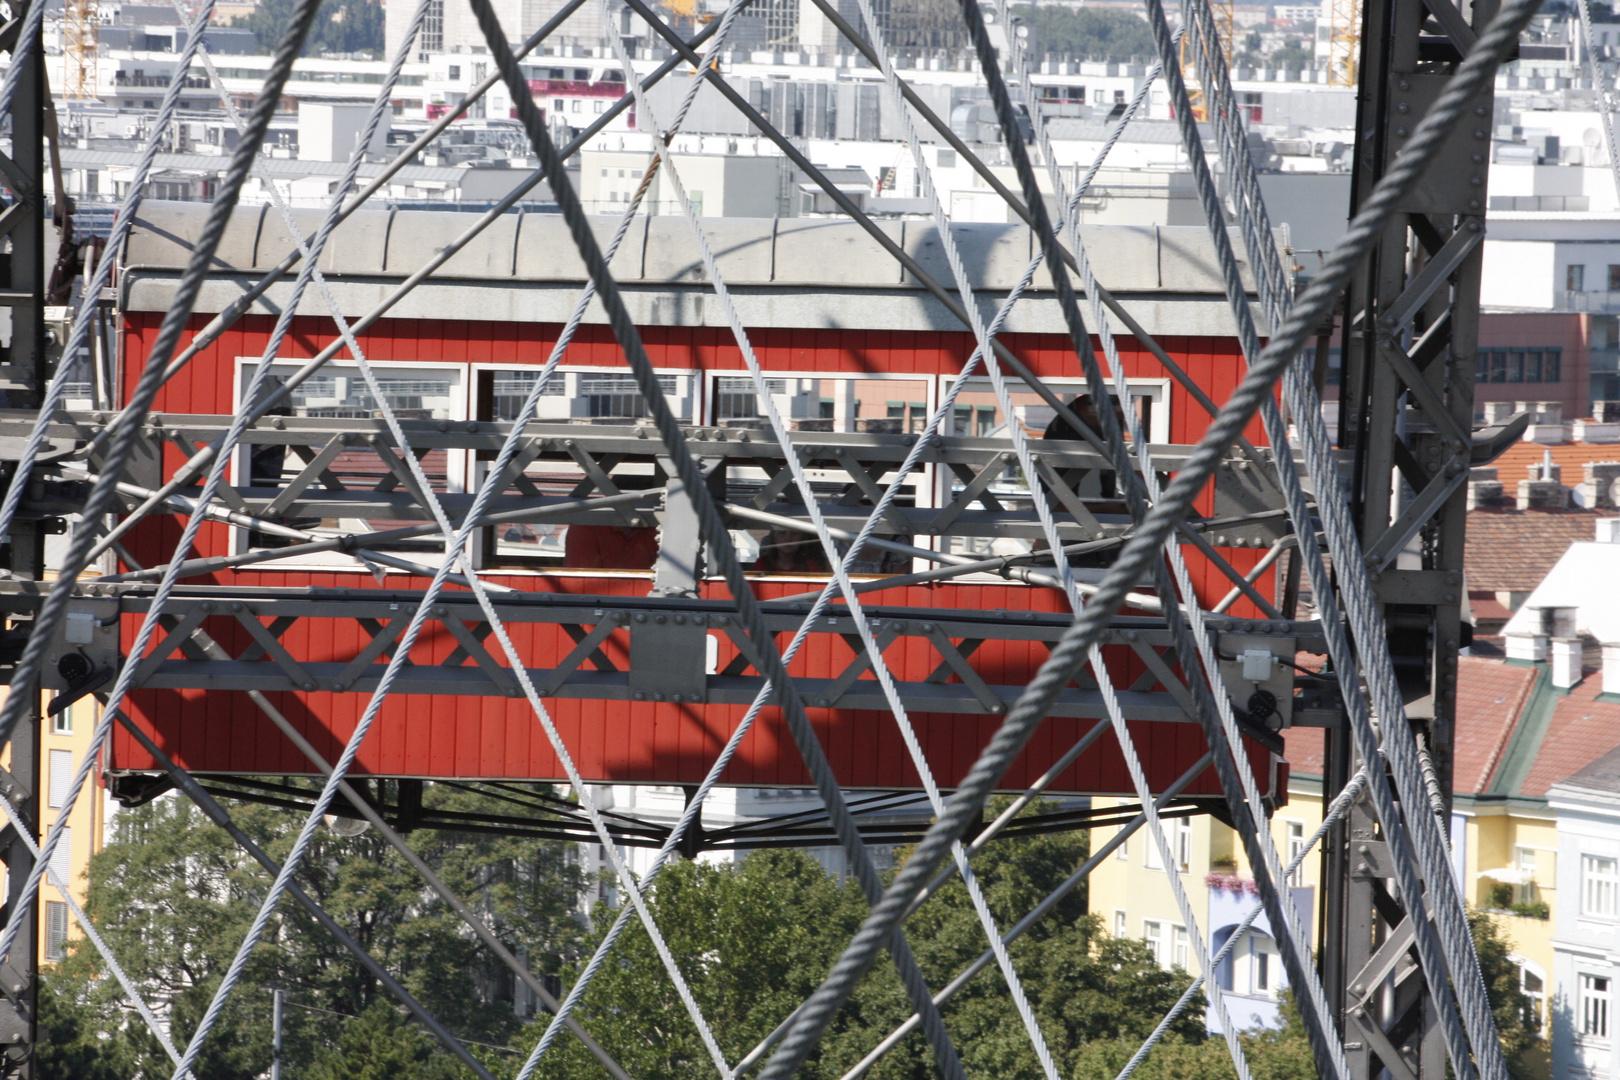 Das Riesenrad in WIEN - Viele Schrauben und Muttern halten die Seile